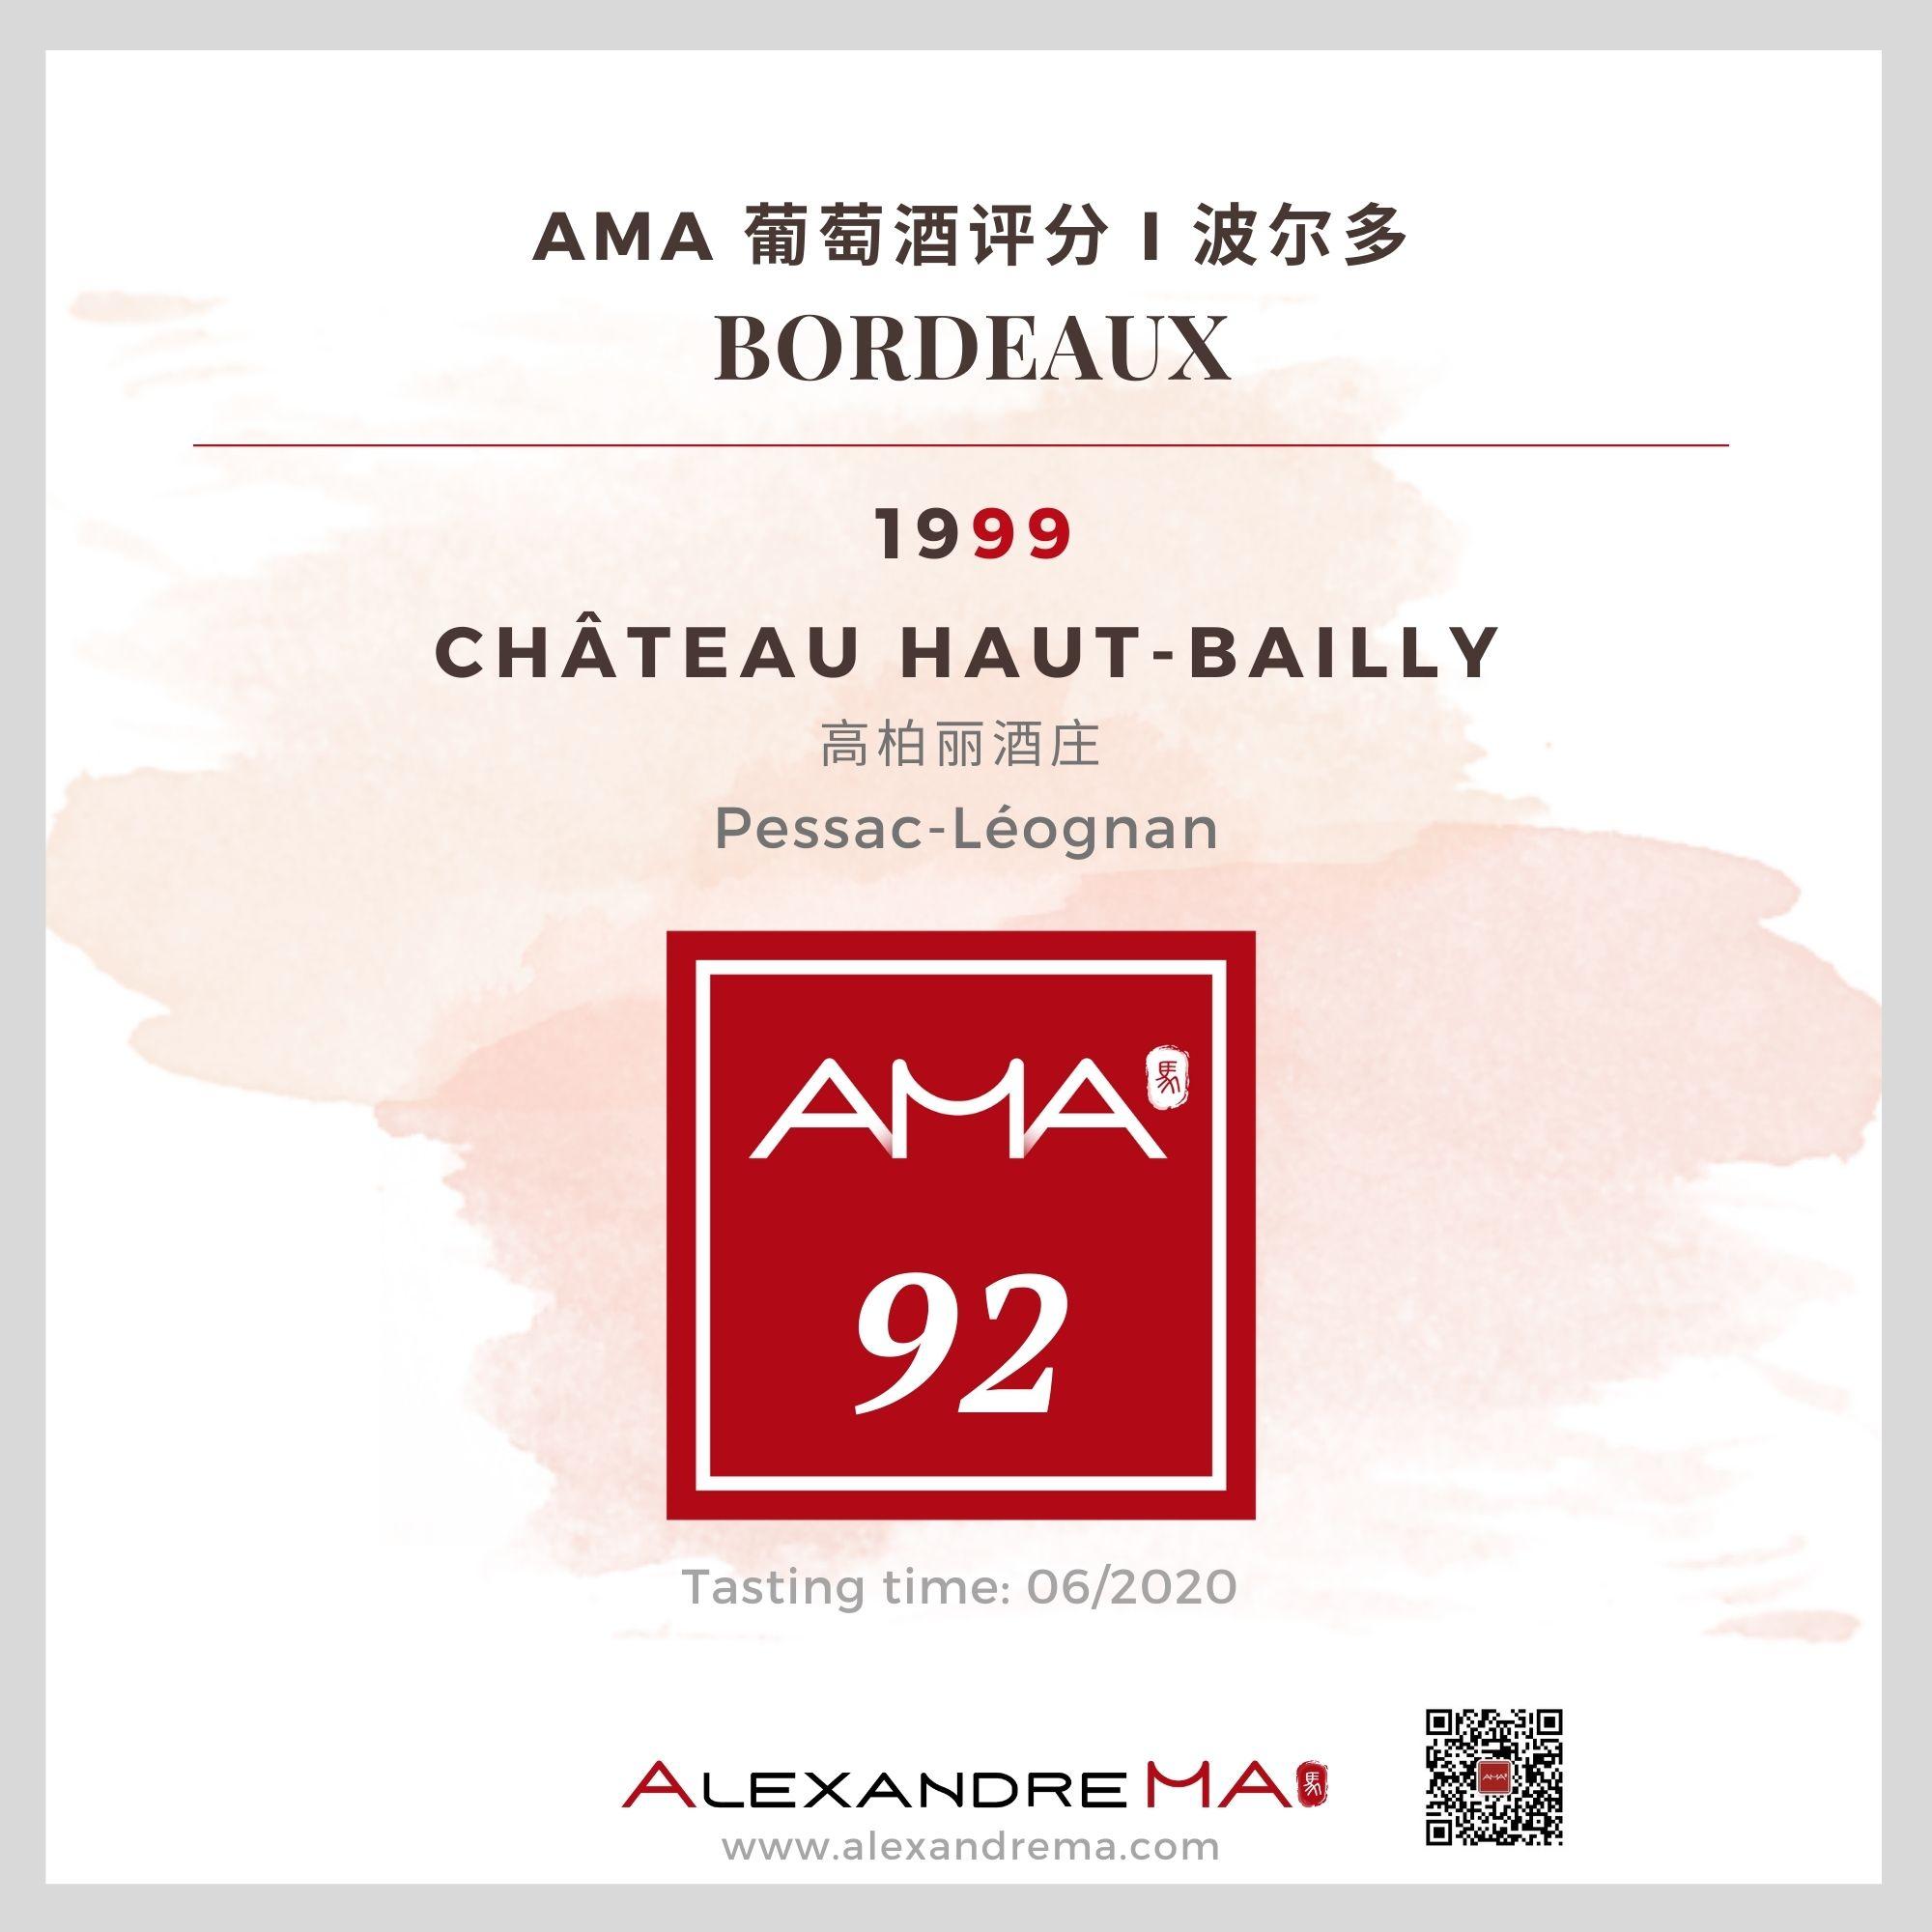 Château Haut-Bailly 1999 - Alexandre MA